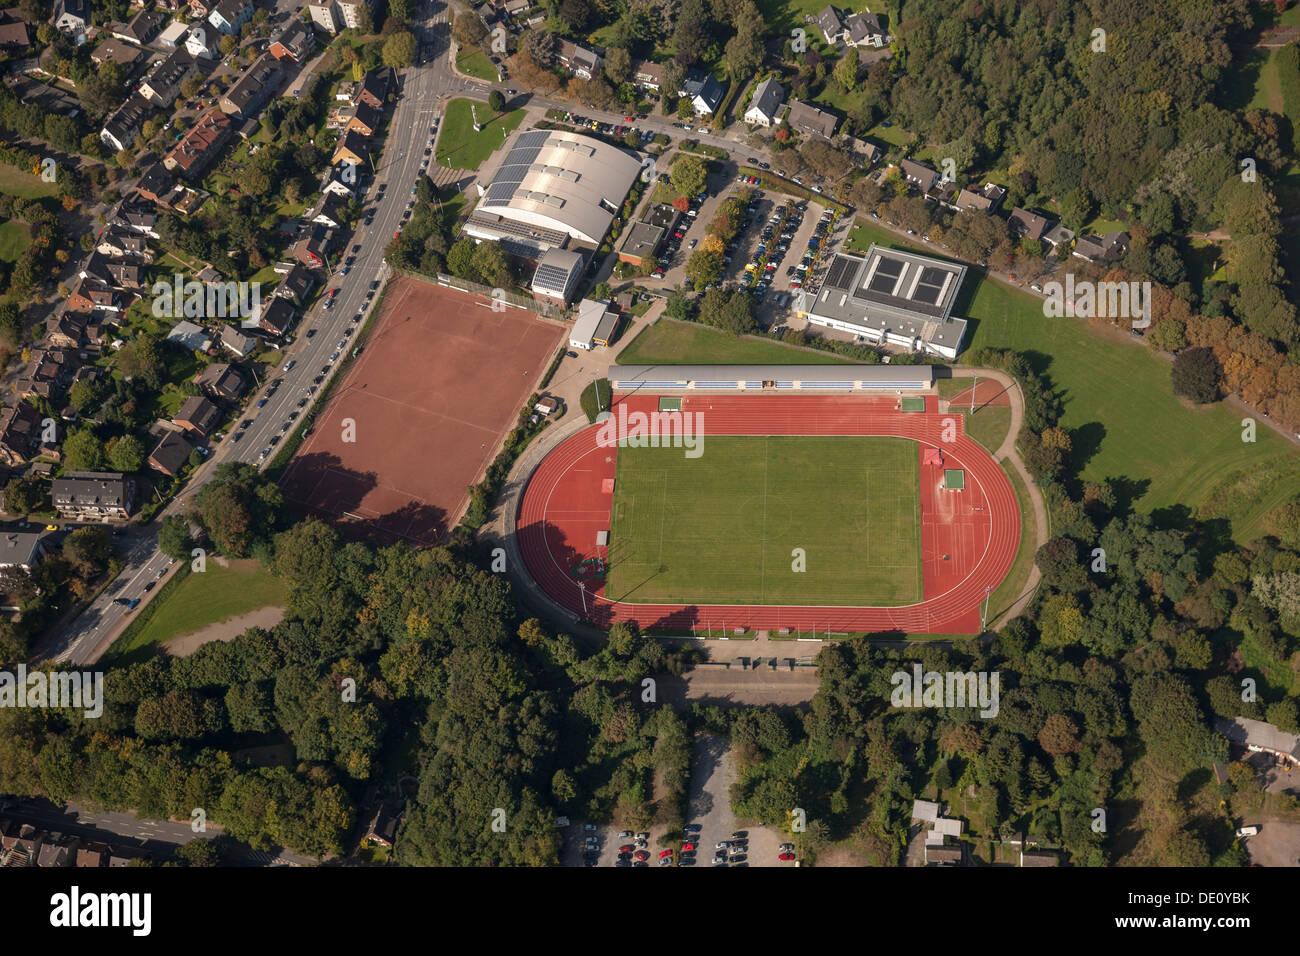 Vue aérienne, Dieter-Renz-Halle sports hall, stade Jahnstadion, Bottrop, Ruhr, Rhénanie du Nord-Westphalie Photo Stock